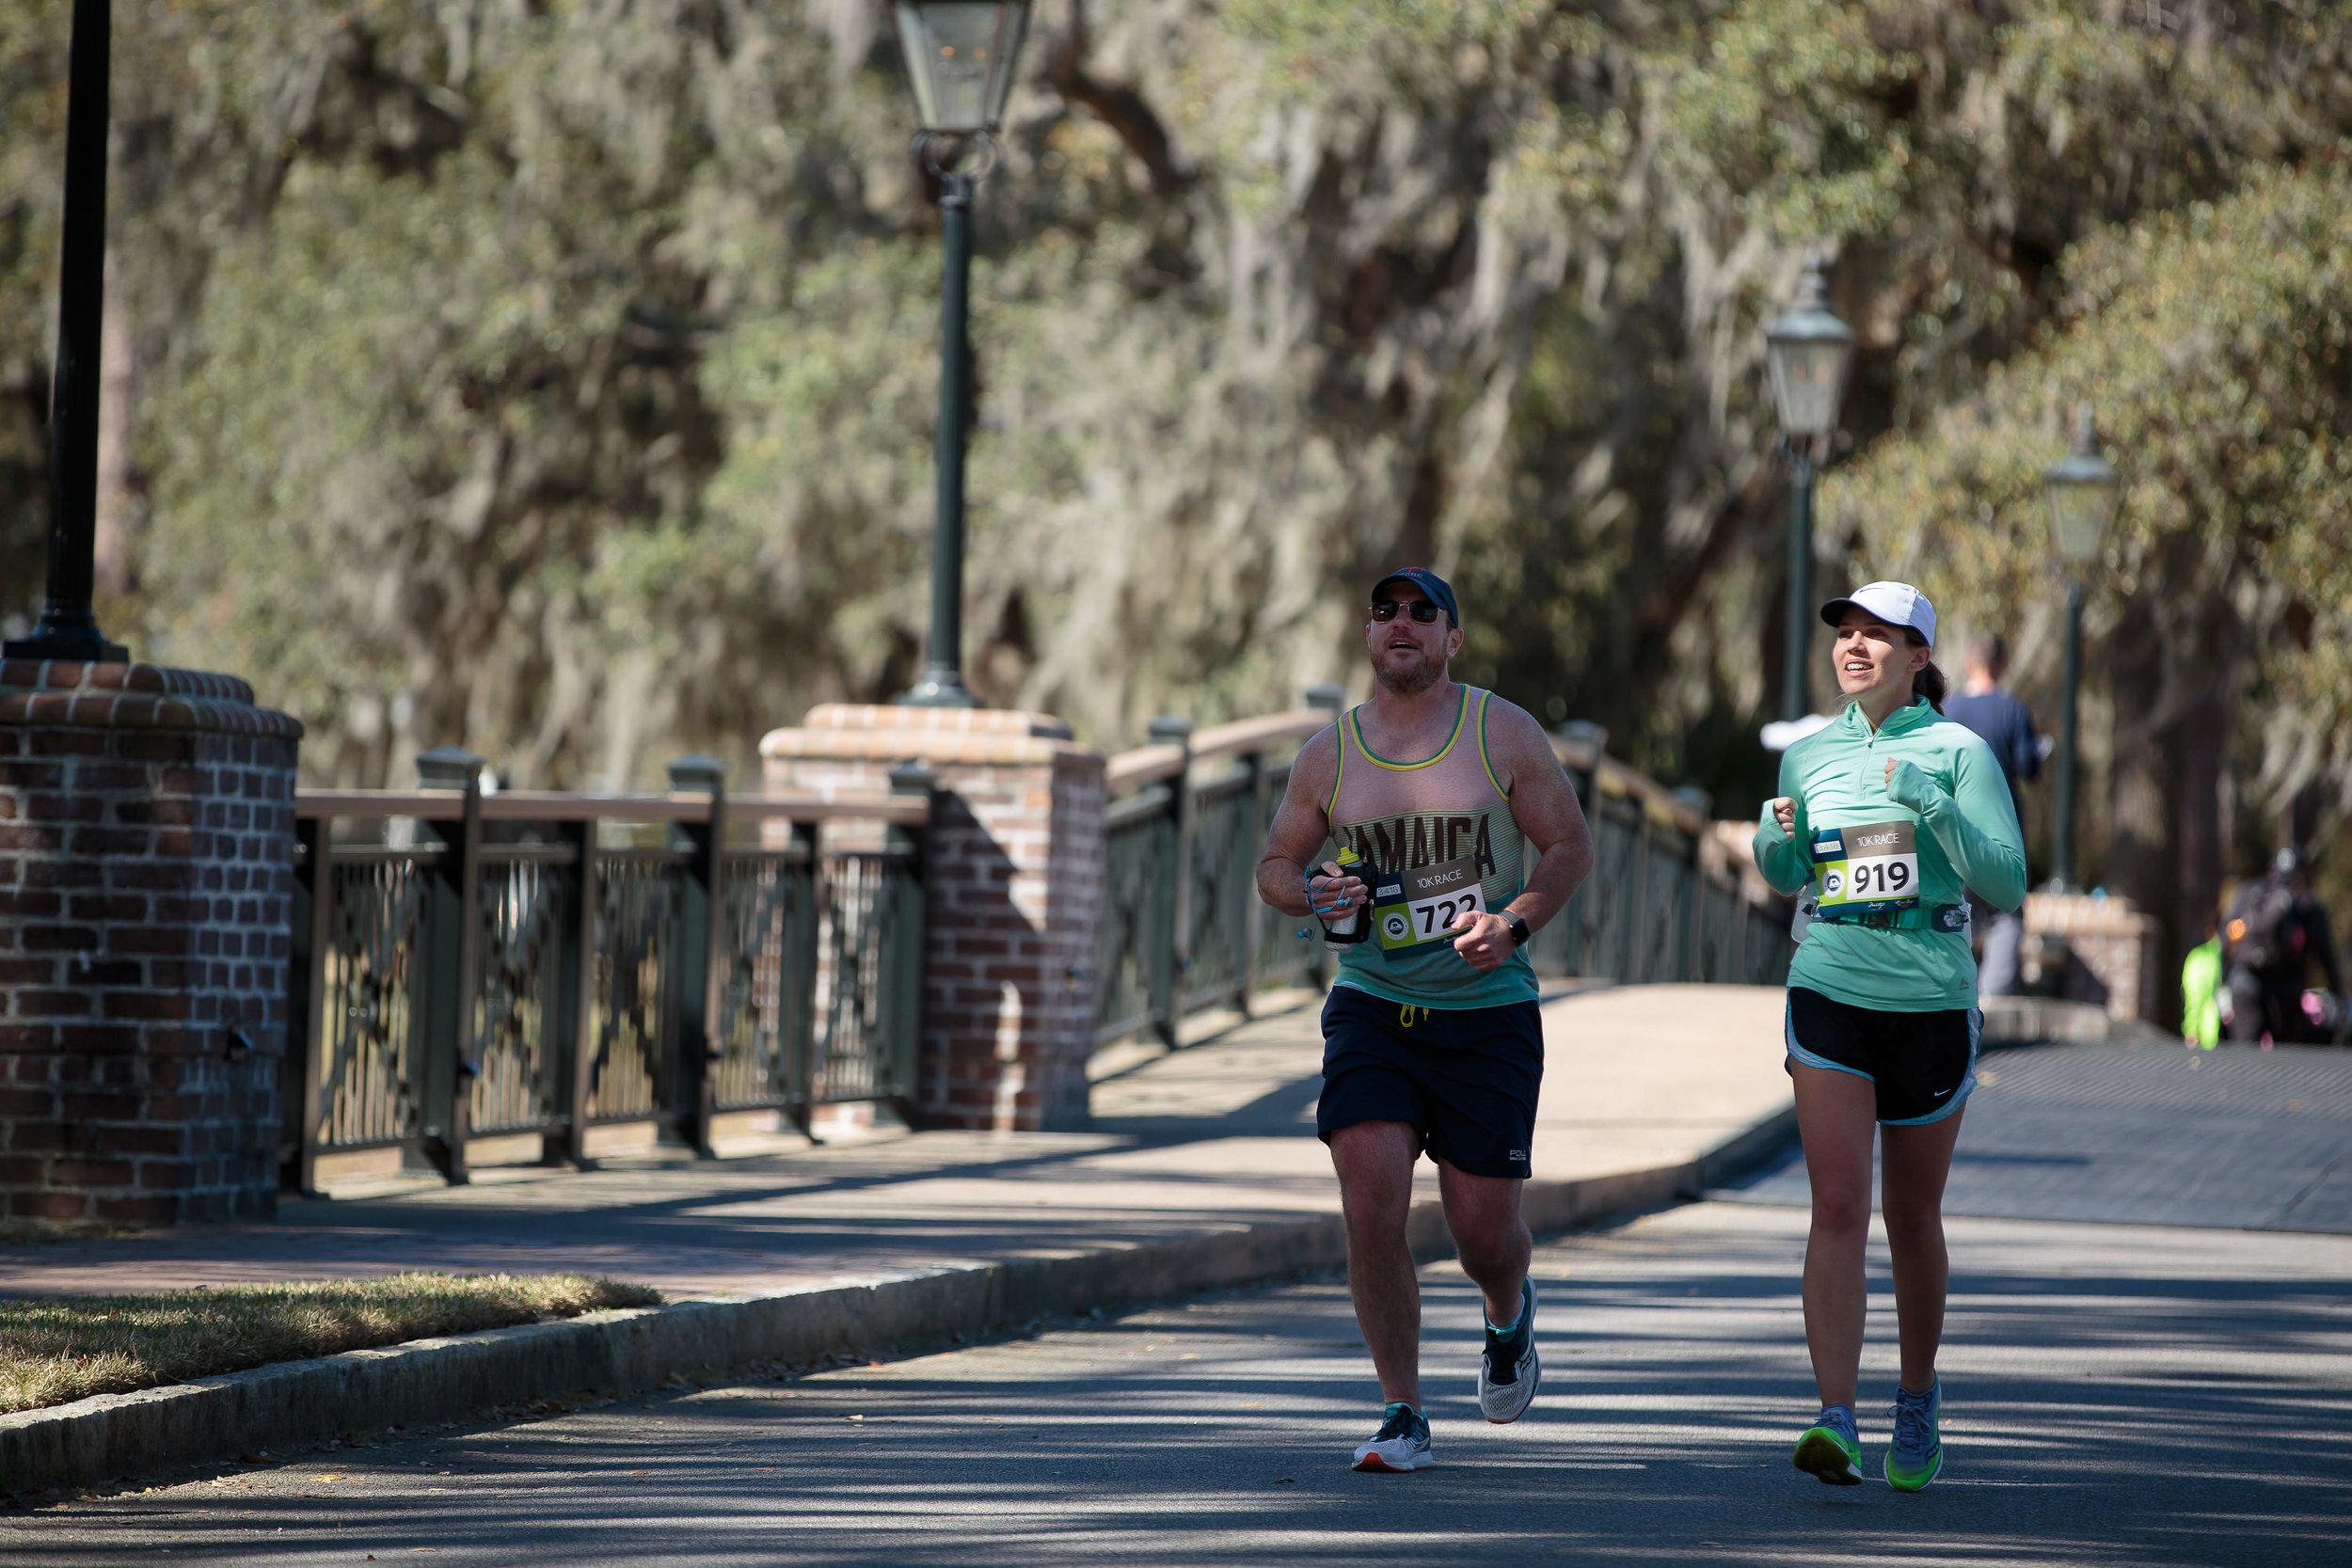 0447-PalmettoBluff-Marathon2018.jpg